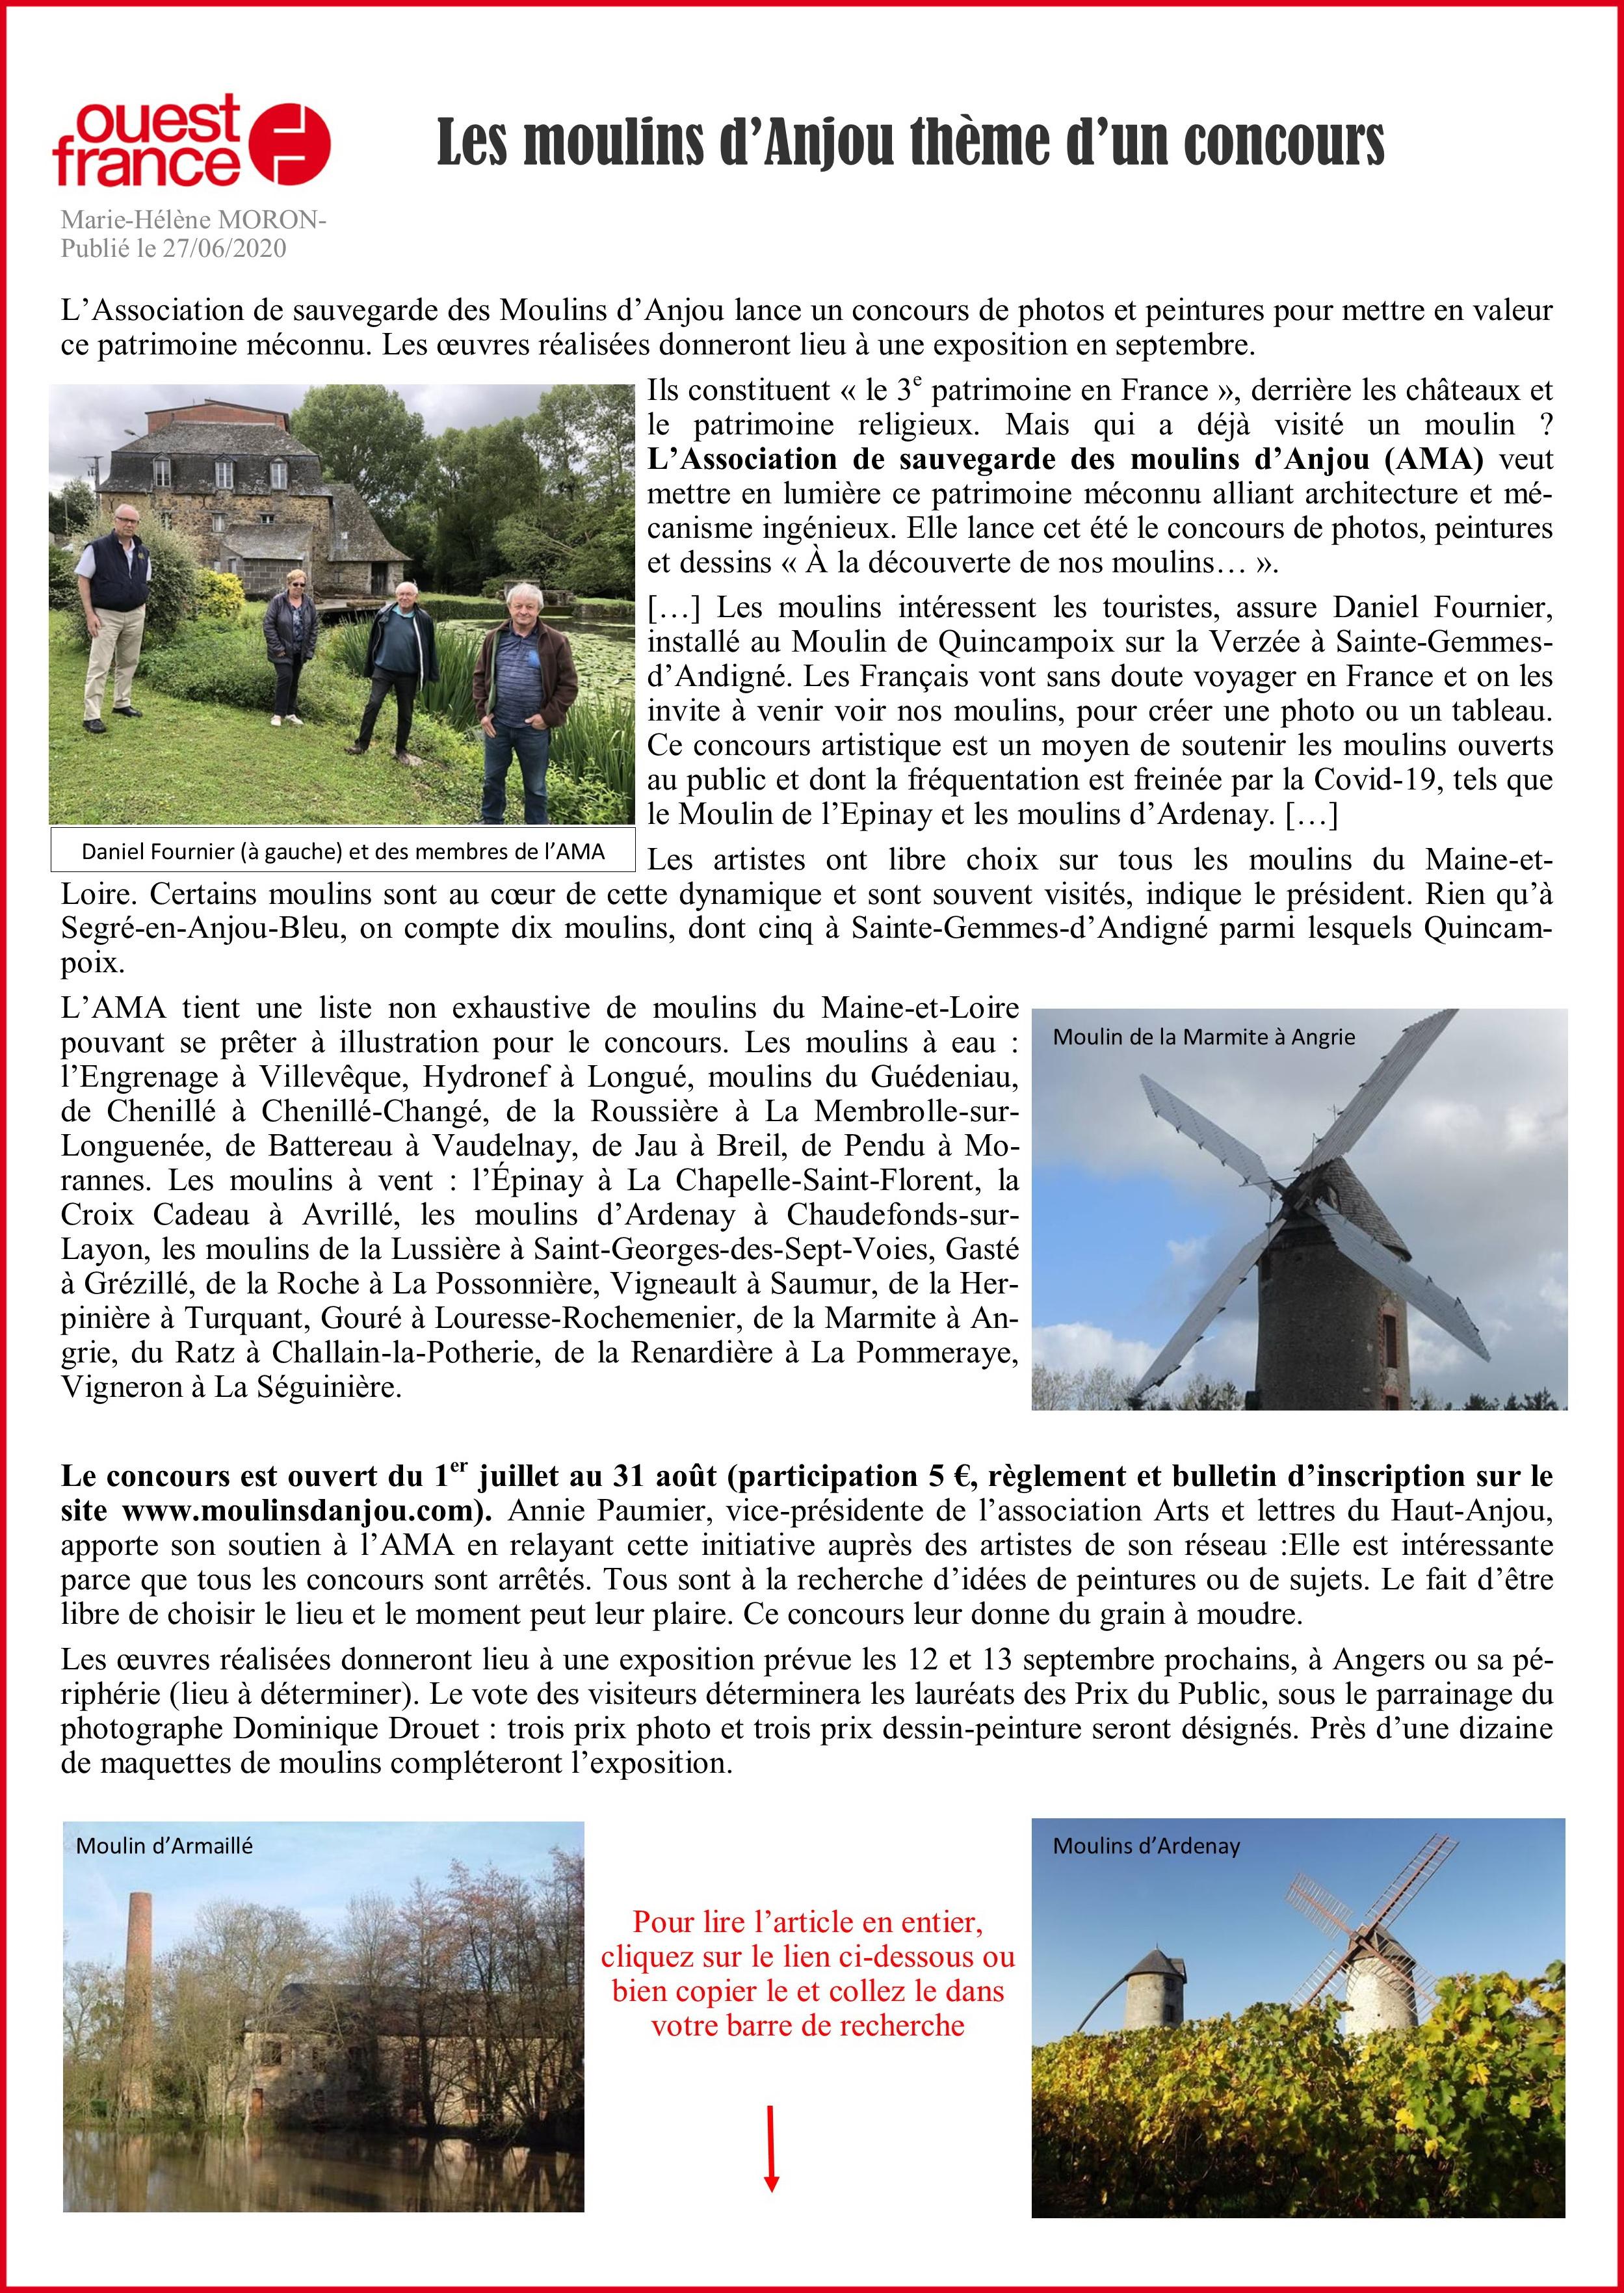 Concours photos moulins d'Anjou